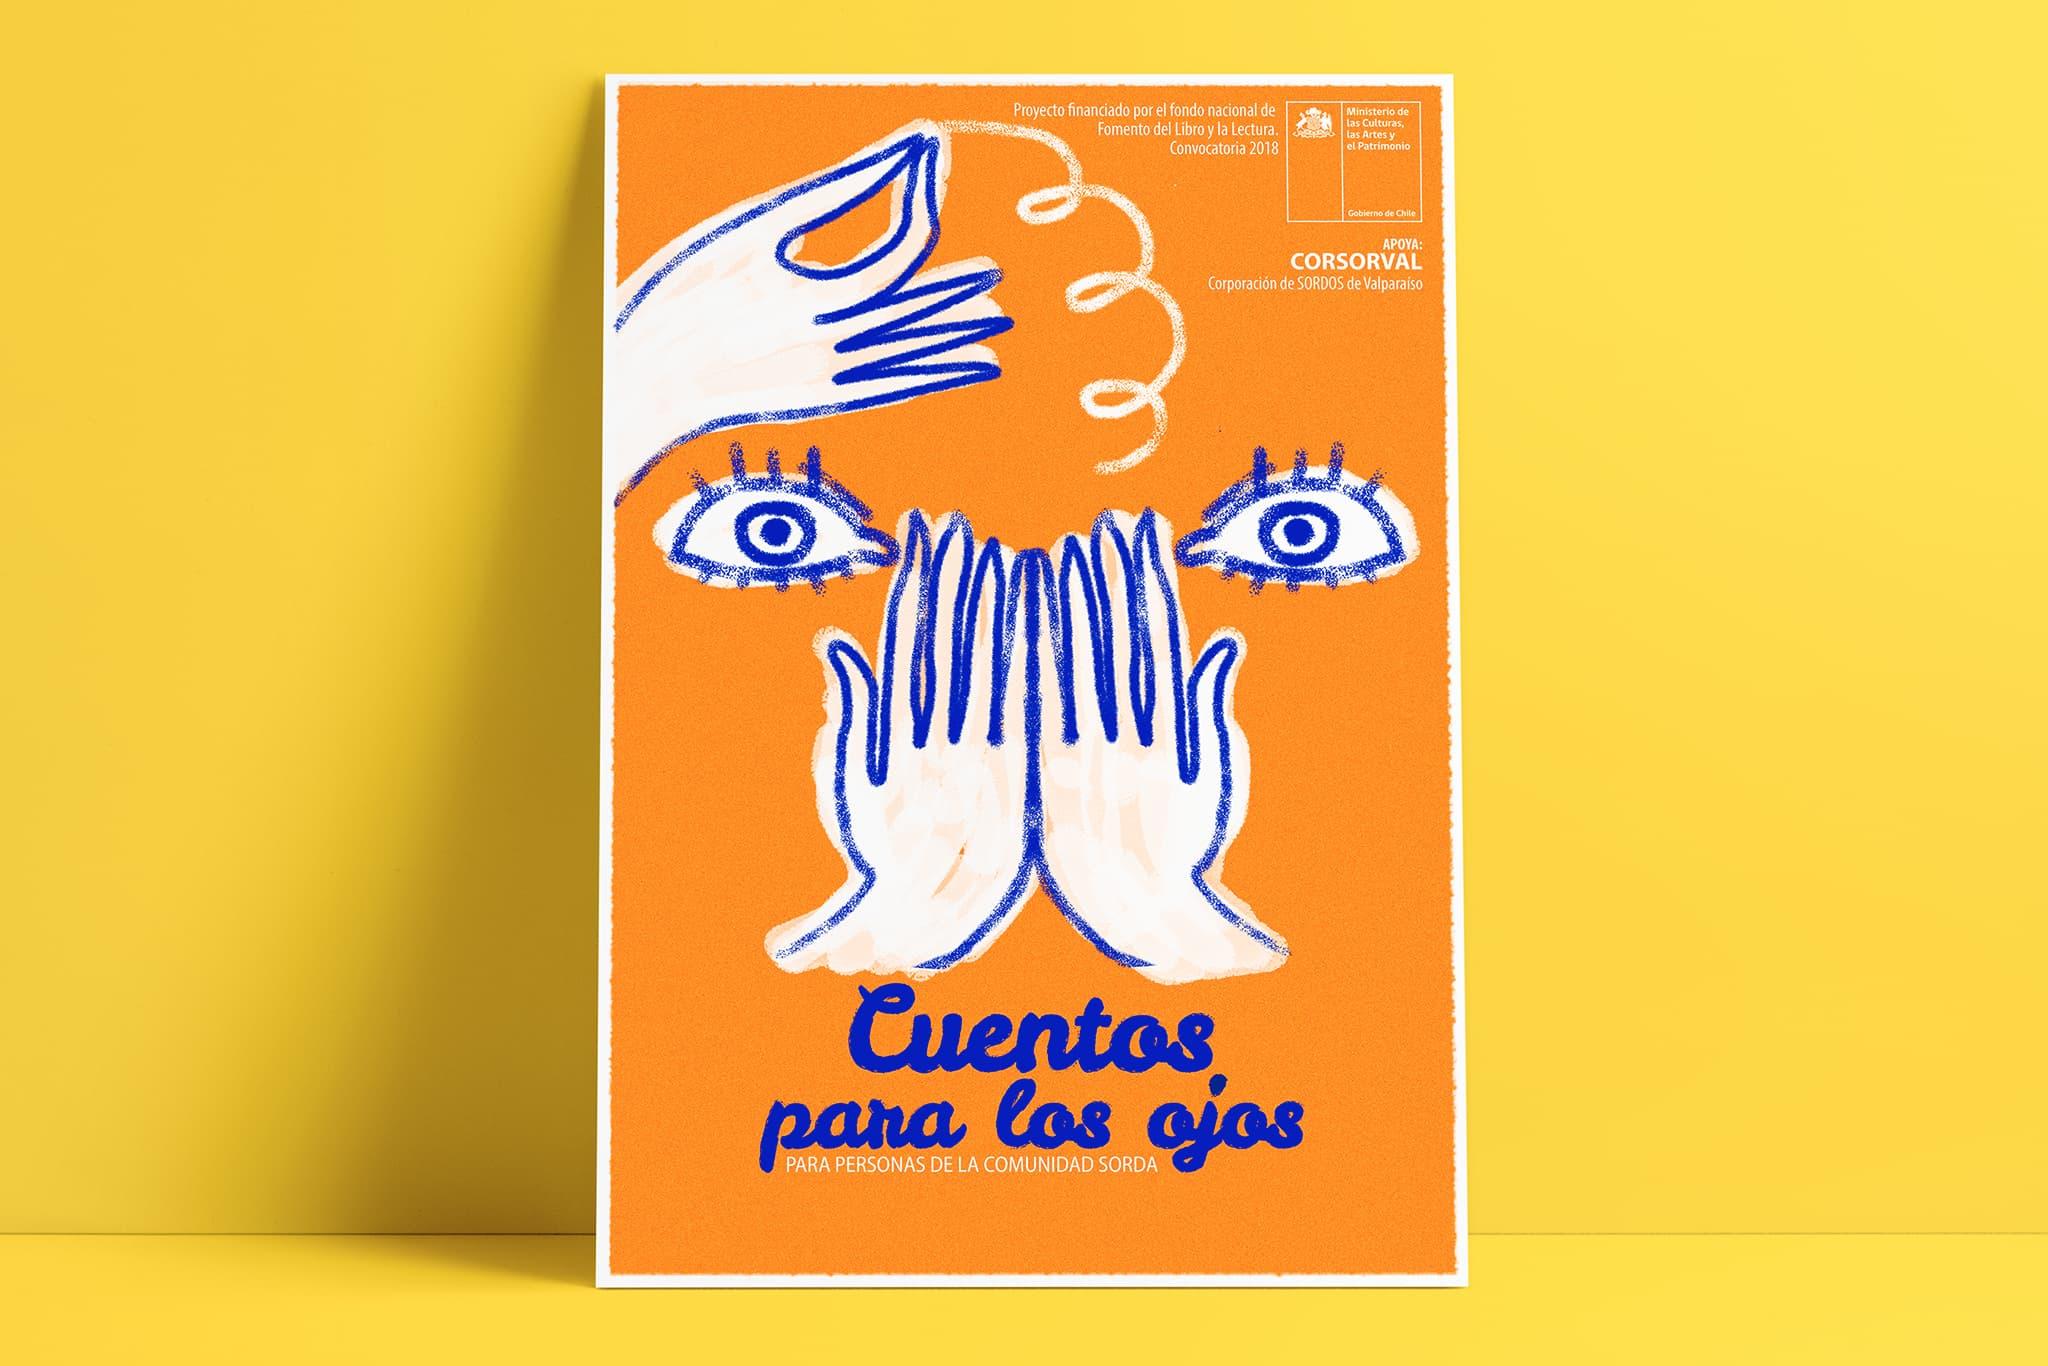 afiche cuentos para los ojos - Portafolio